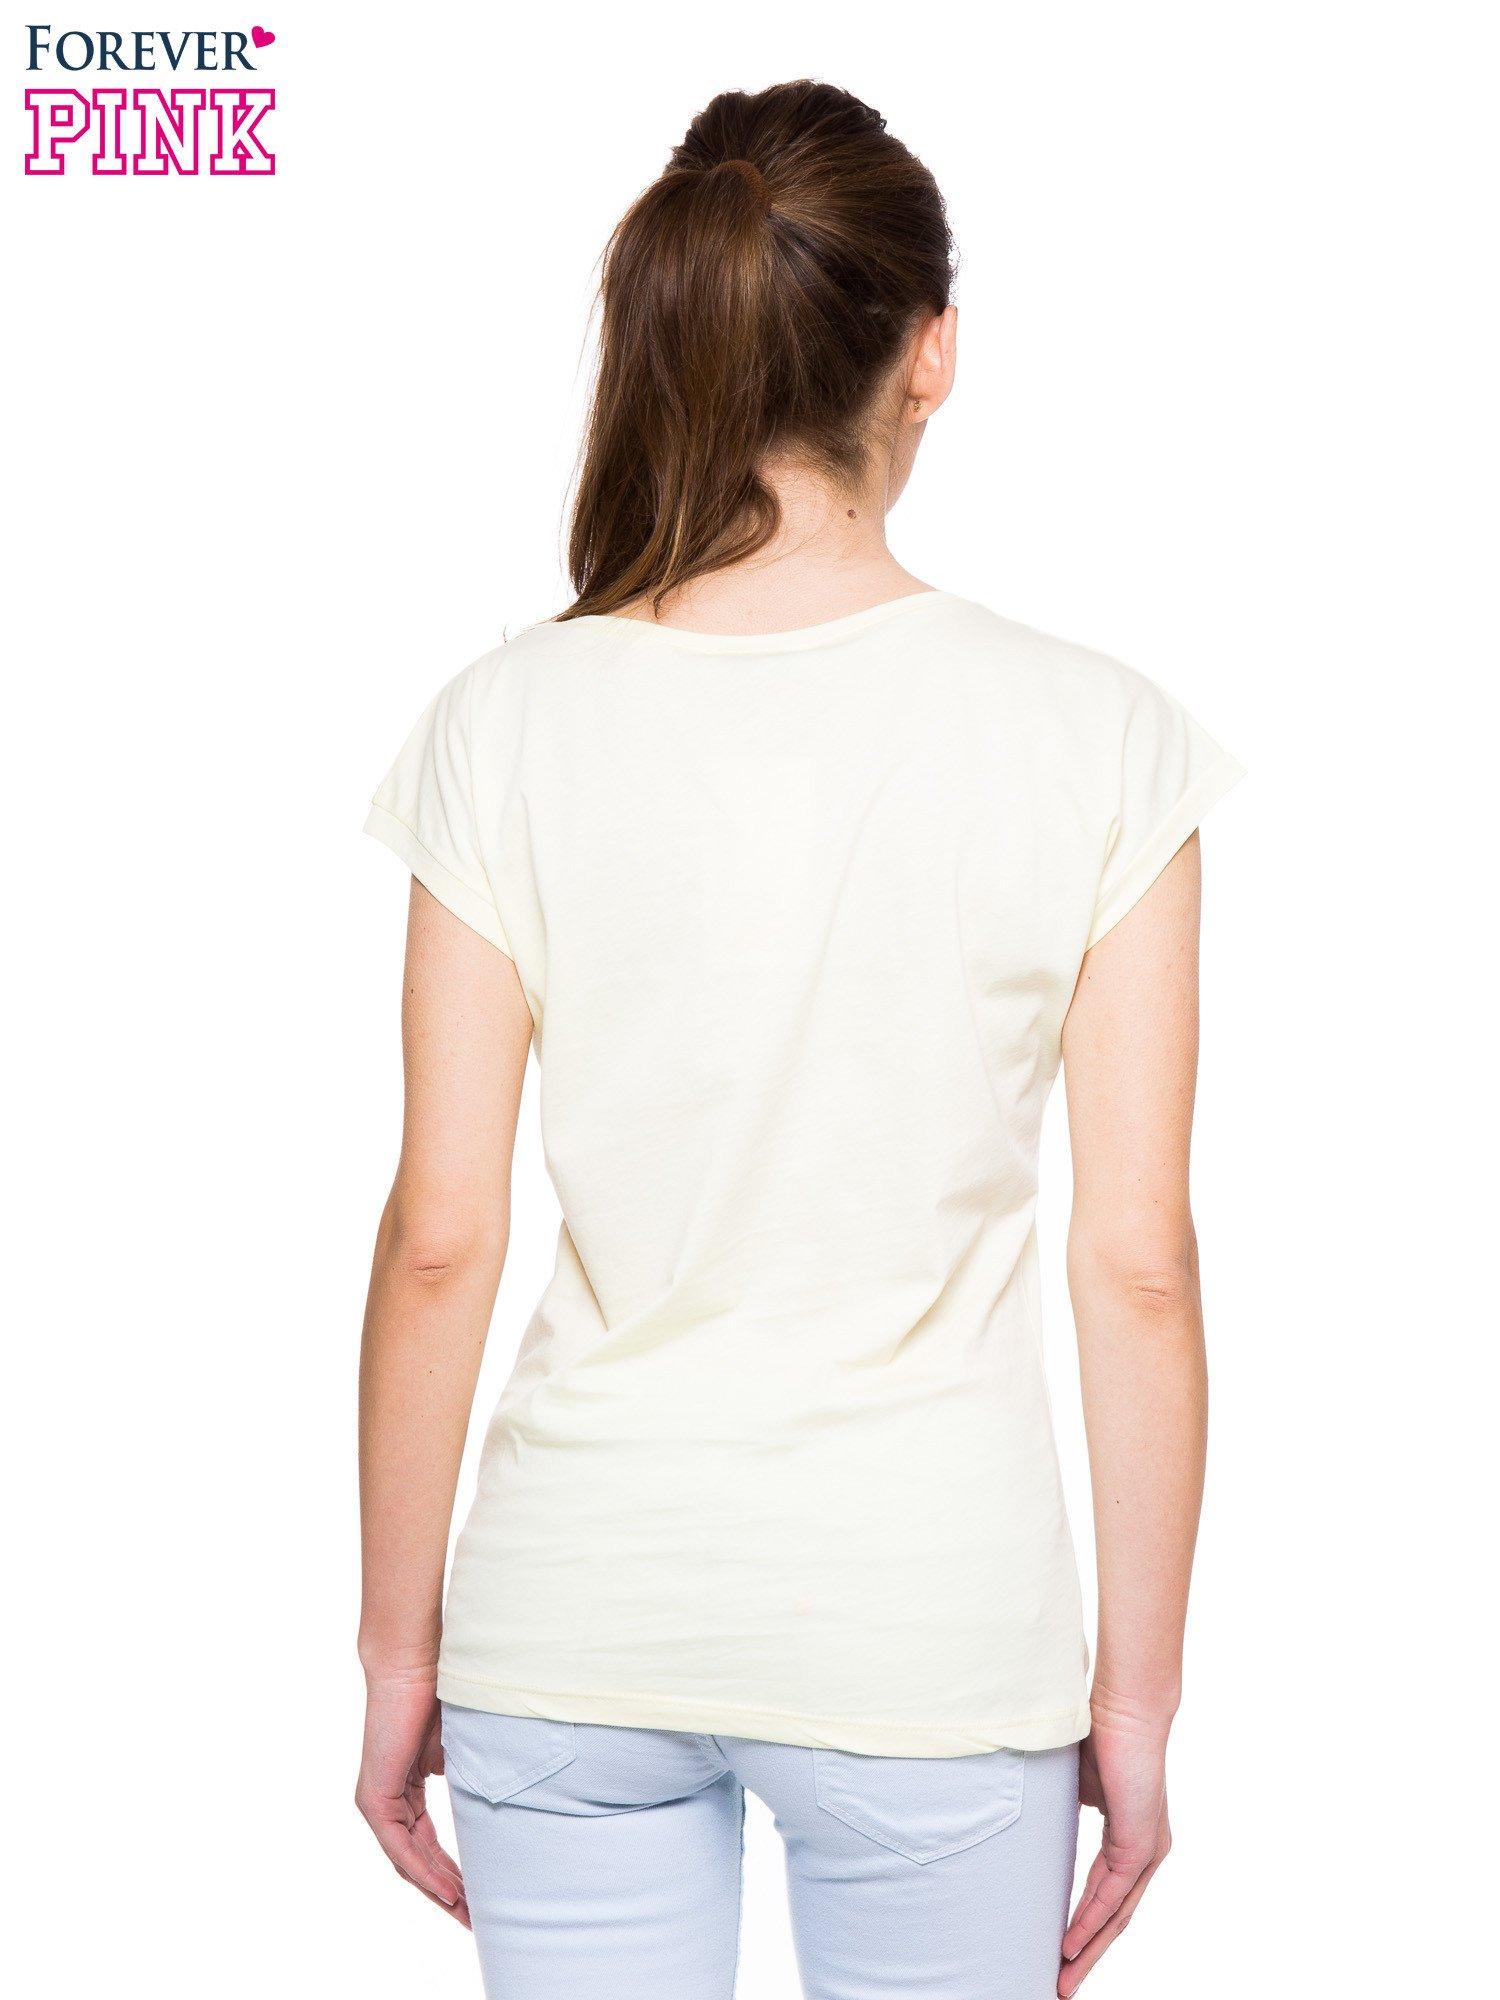 Jasnożółty t-shirt z hipsterskim nadrukiem ptaków                                  zdj.                                  3